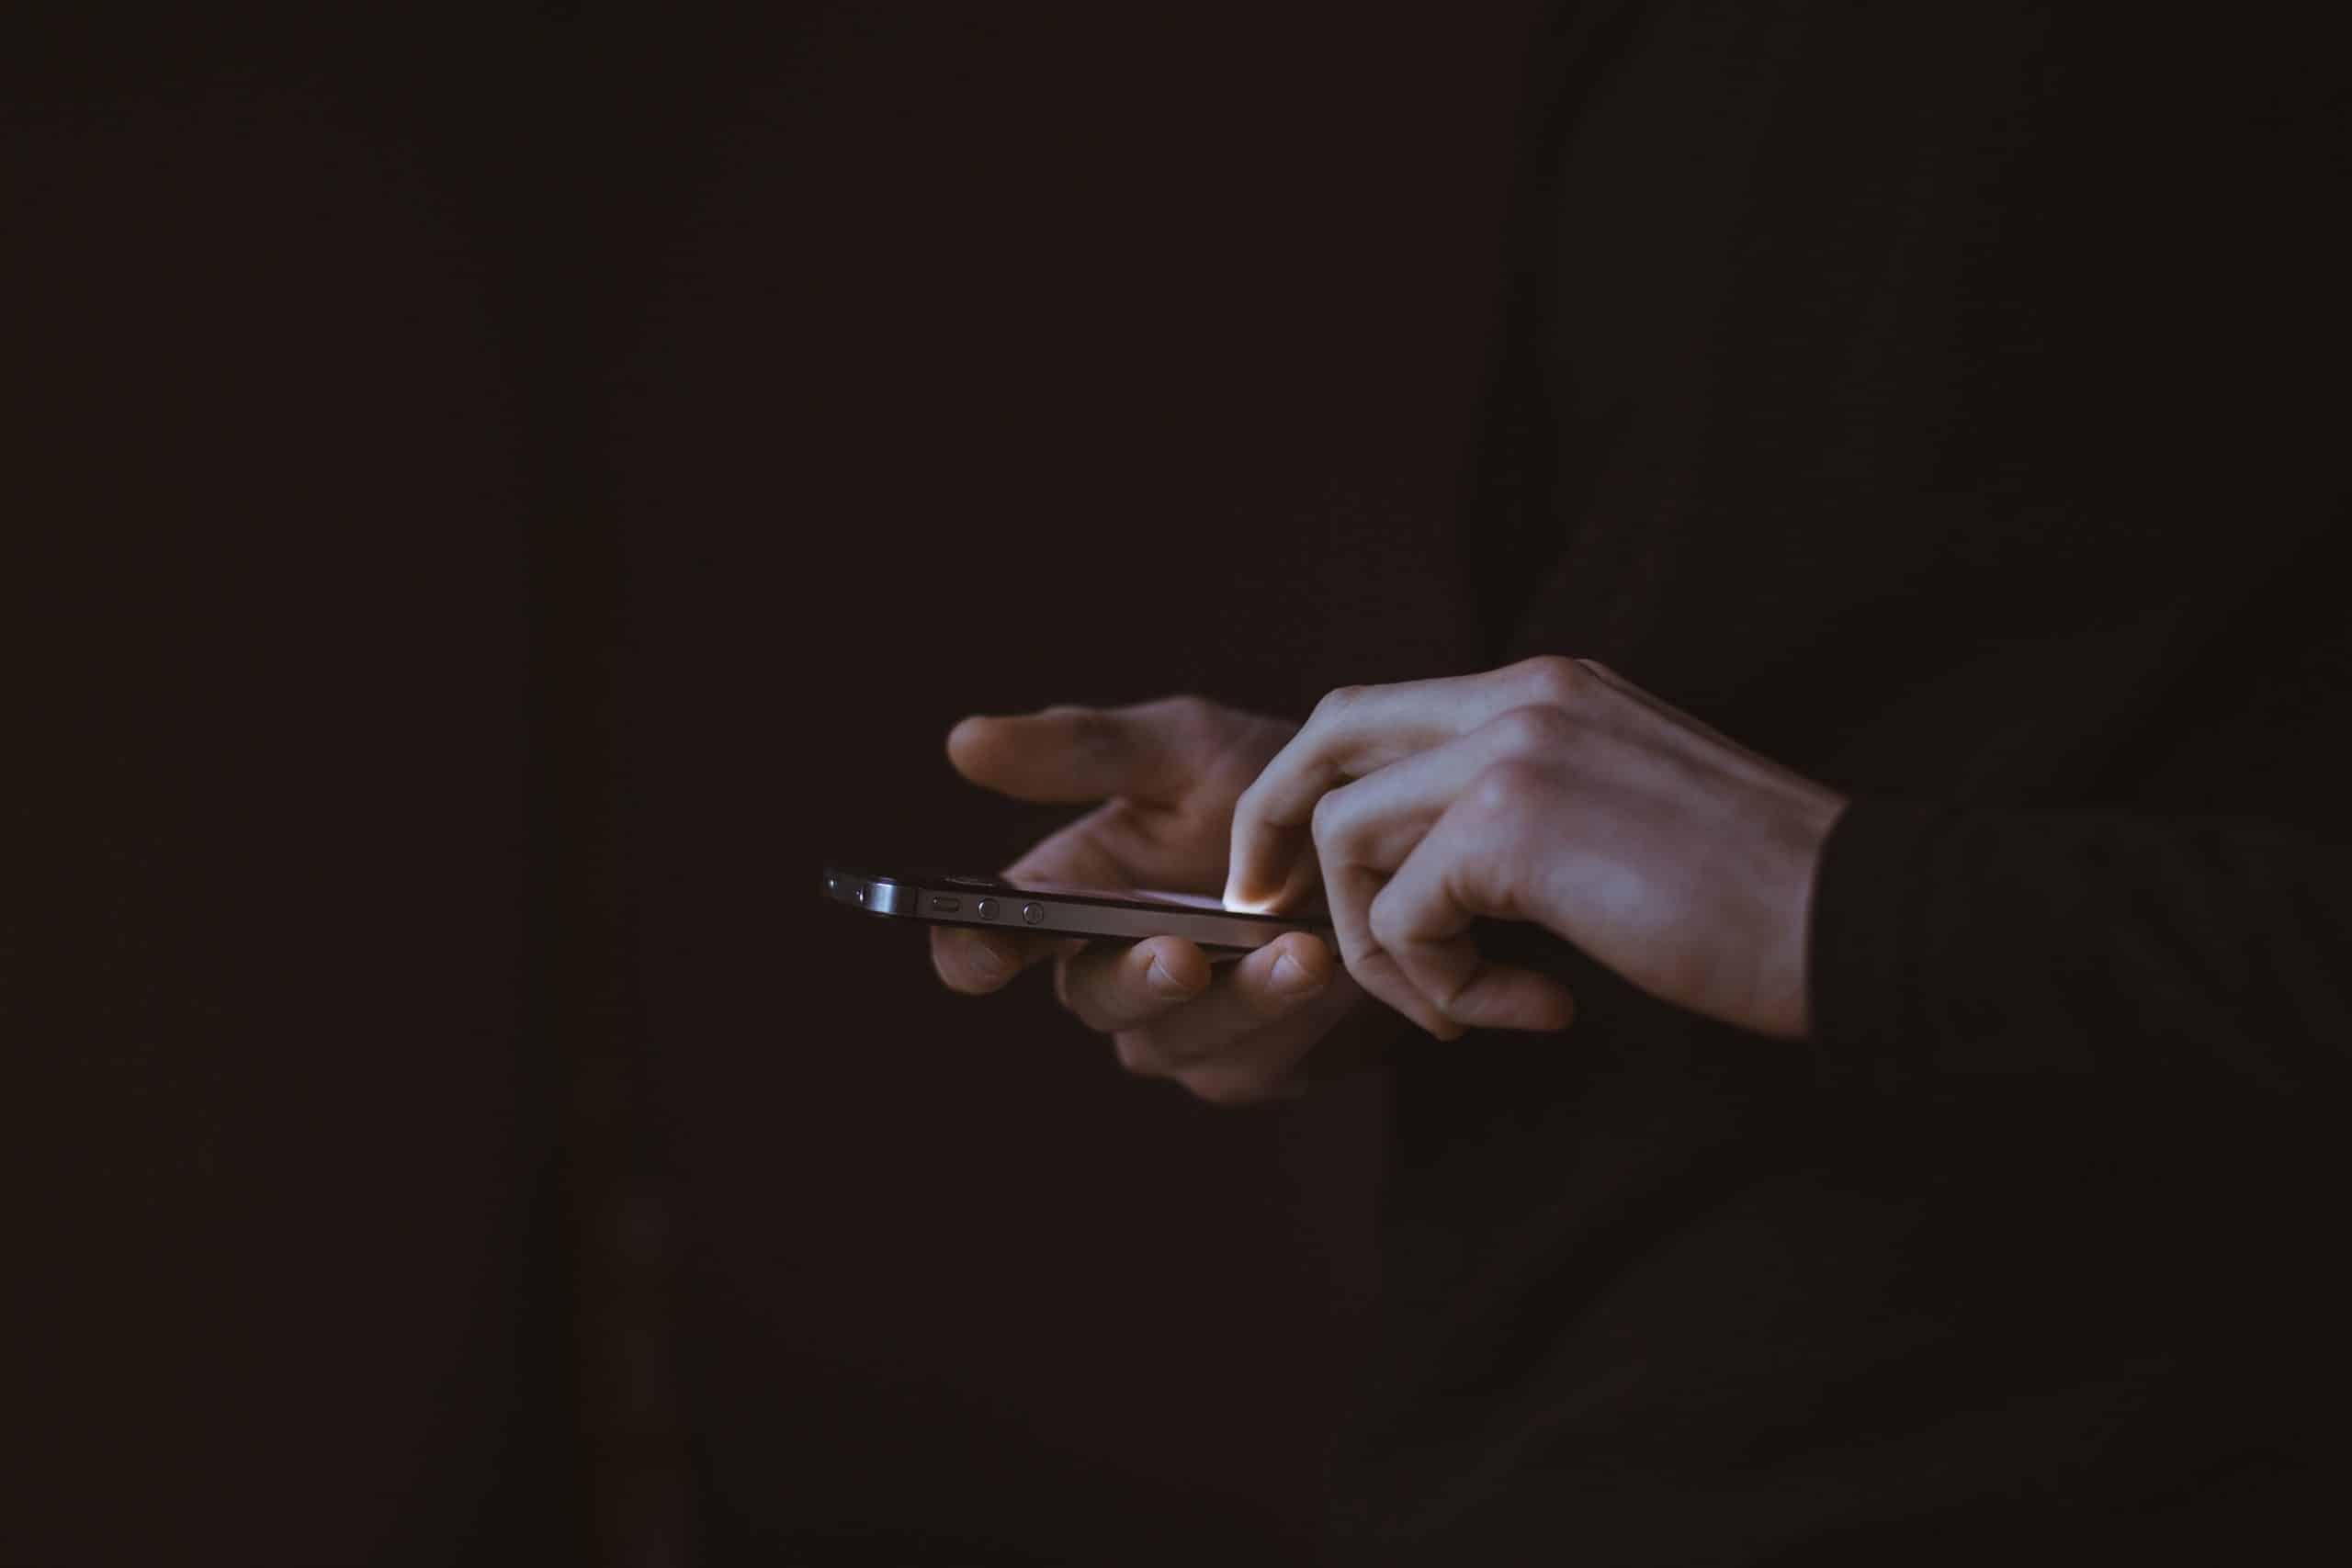 Mãos mexendo em celular